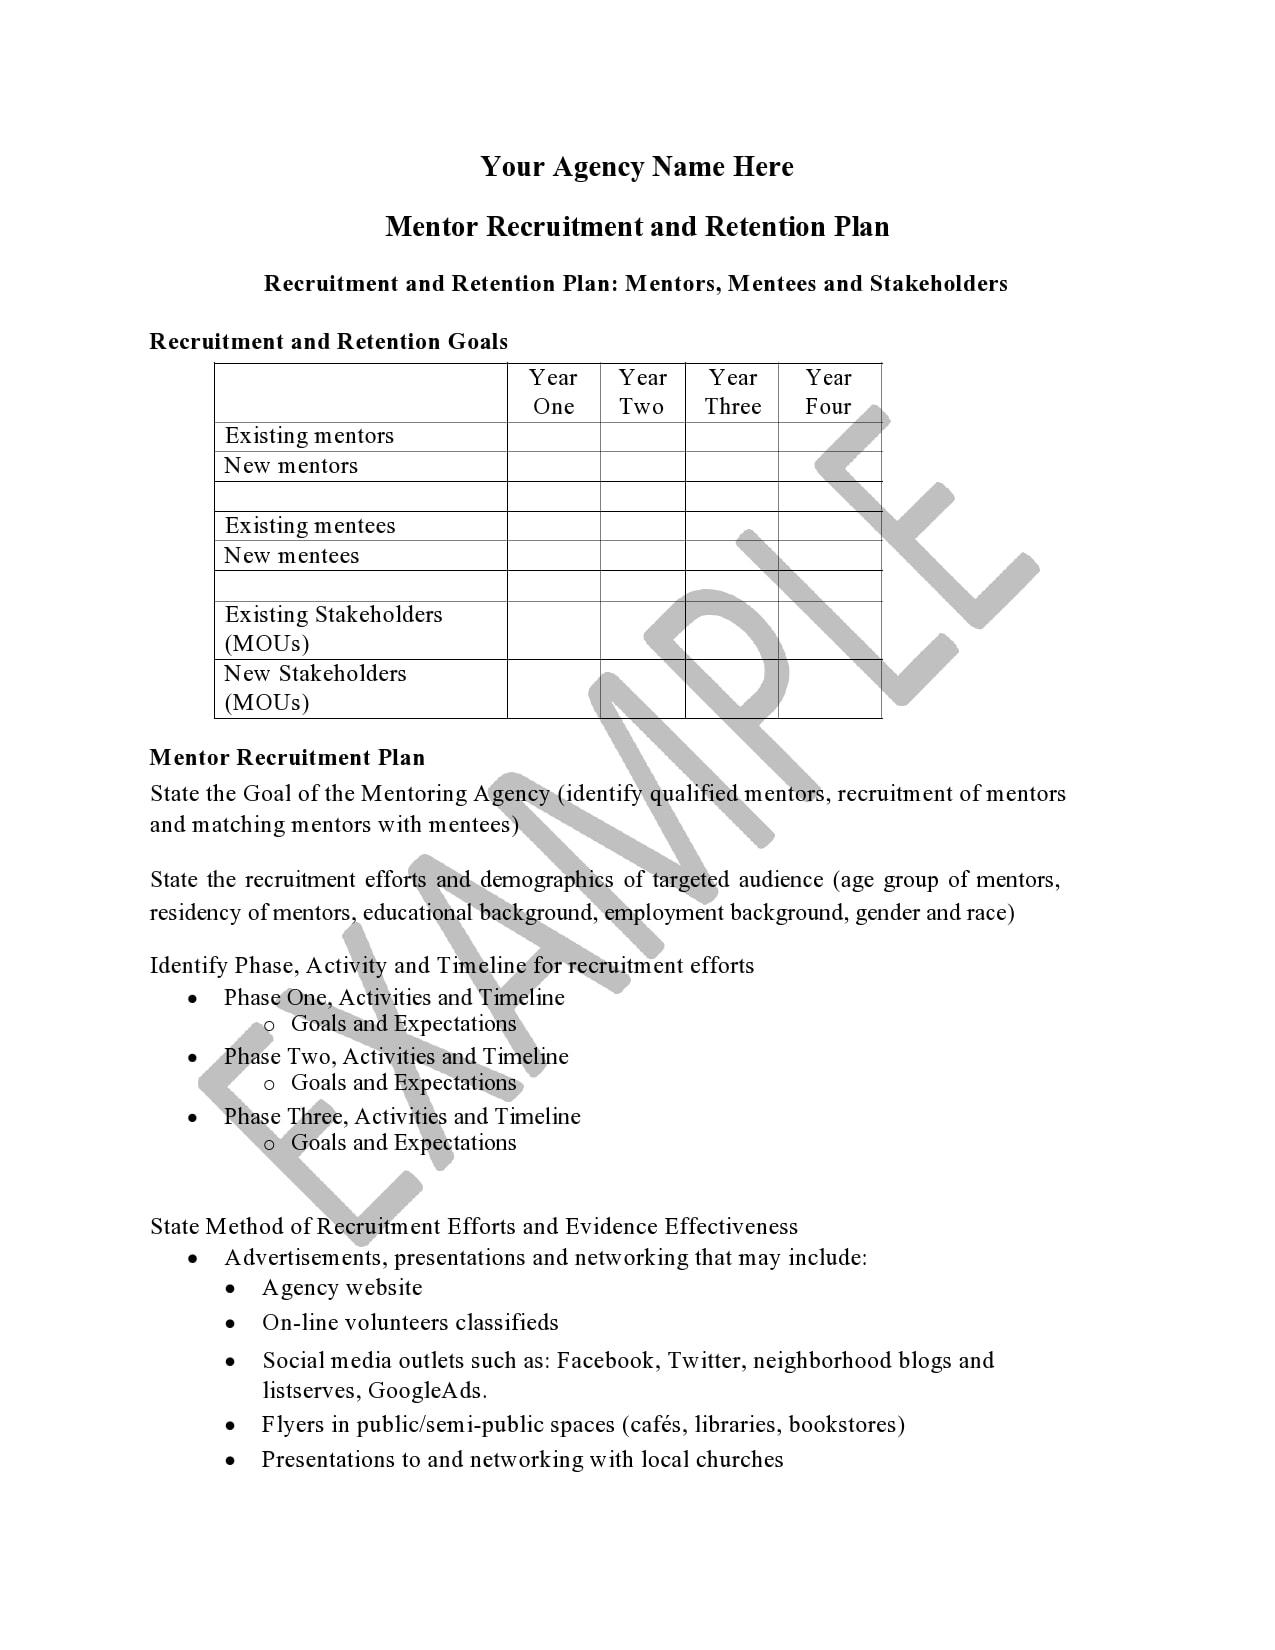 recruitment plan template 22